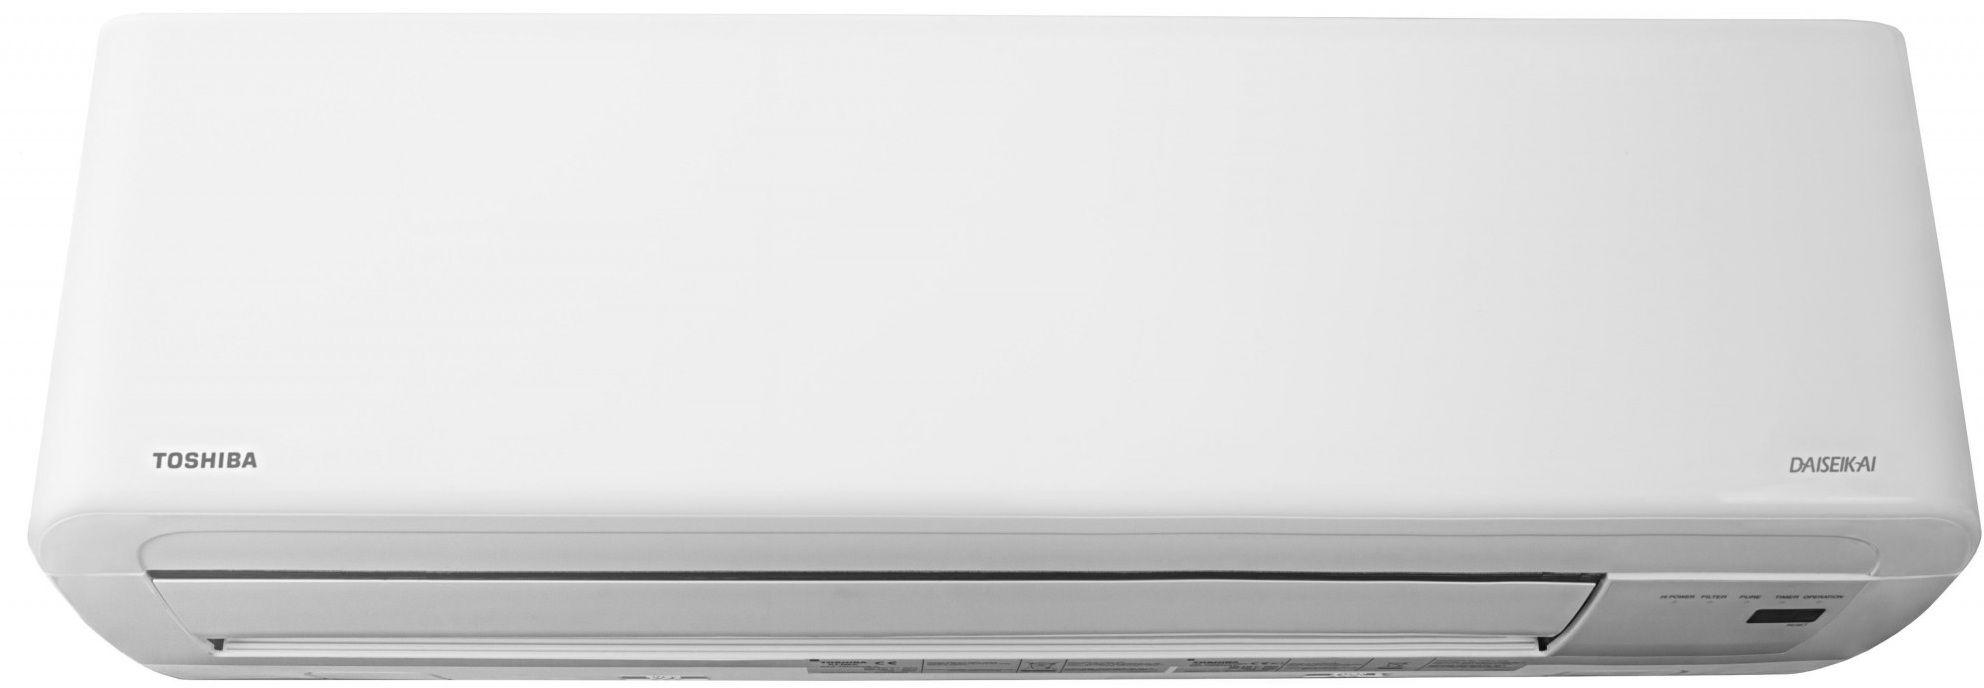 Мобильные сплит-системы: ТОП-15 лучших вариантов переносного климатического оборудования